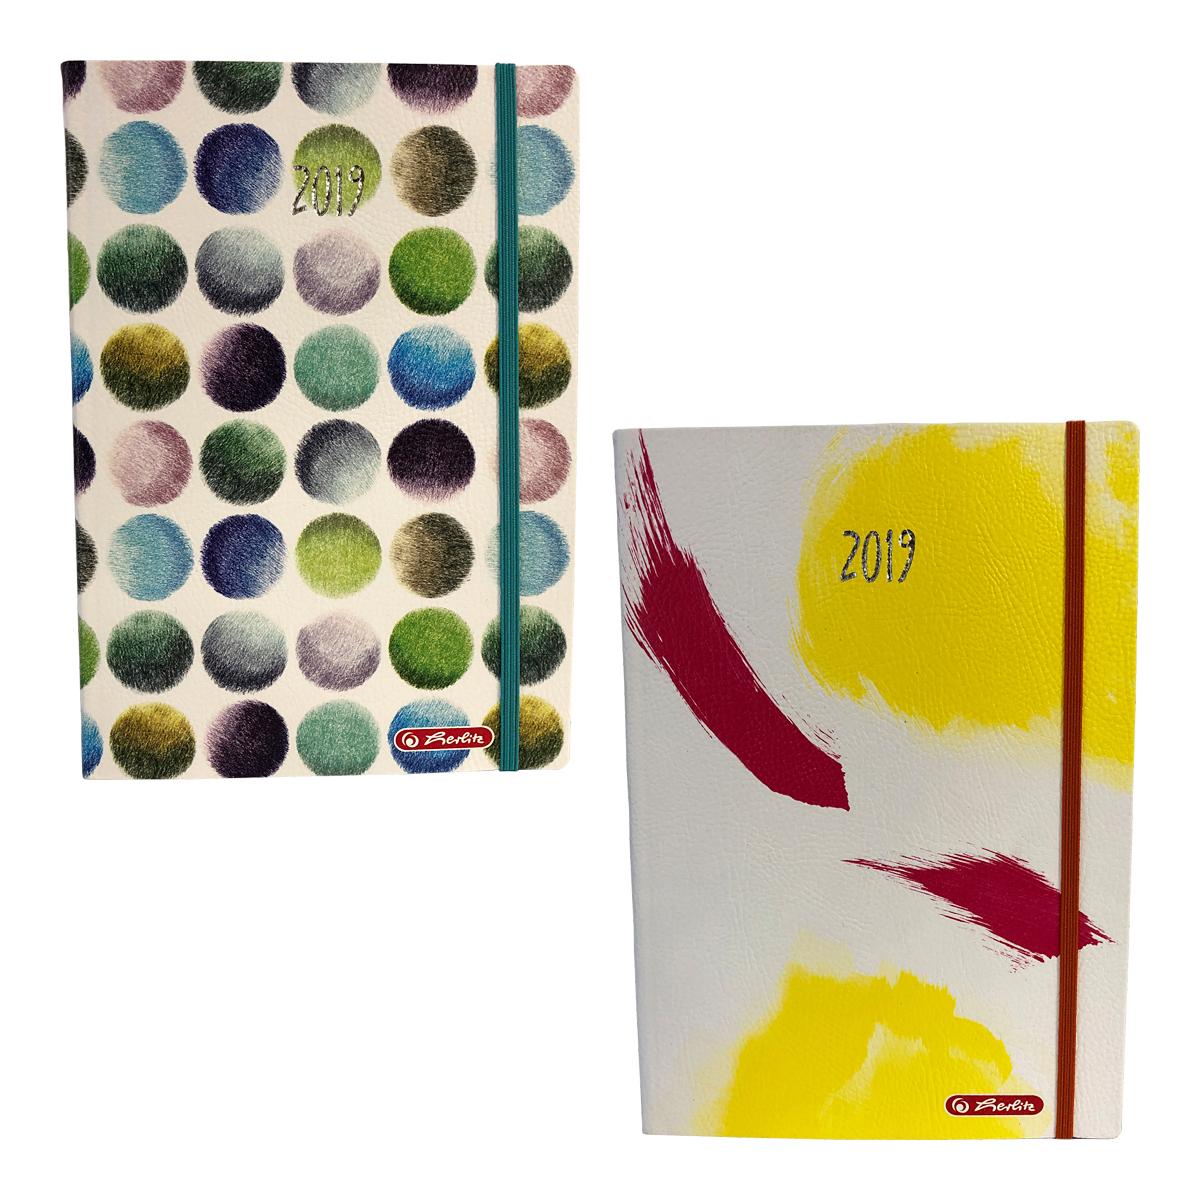 Agendă A5, Datată, Watercolor, 2019, 352 File, Diverse Motive, Herlitz, 9479840, 9477290